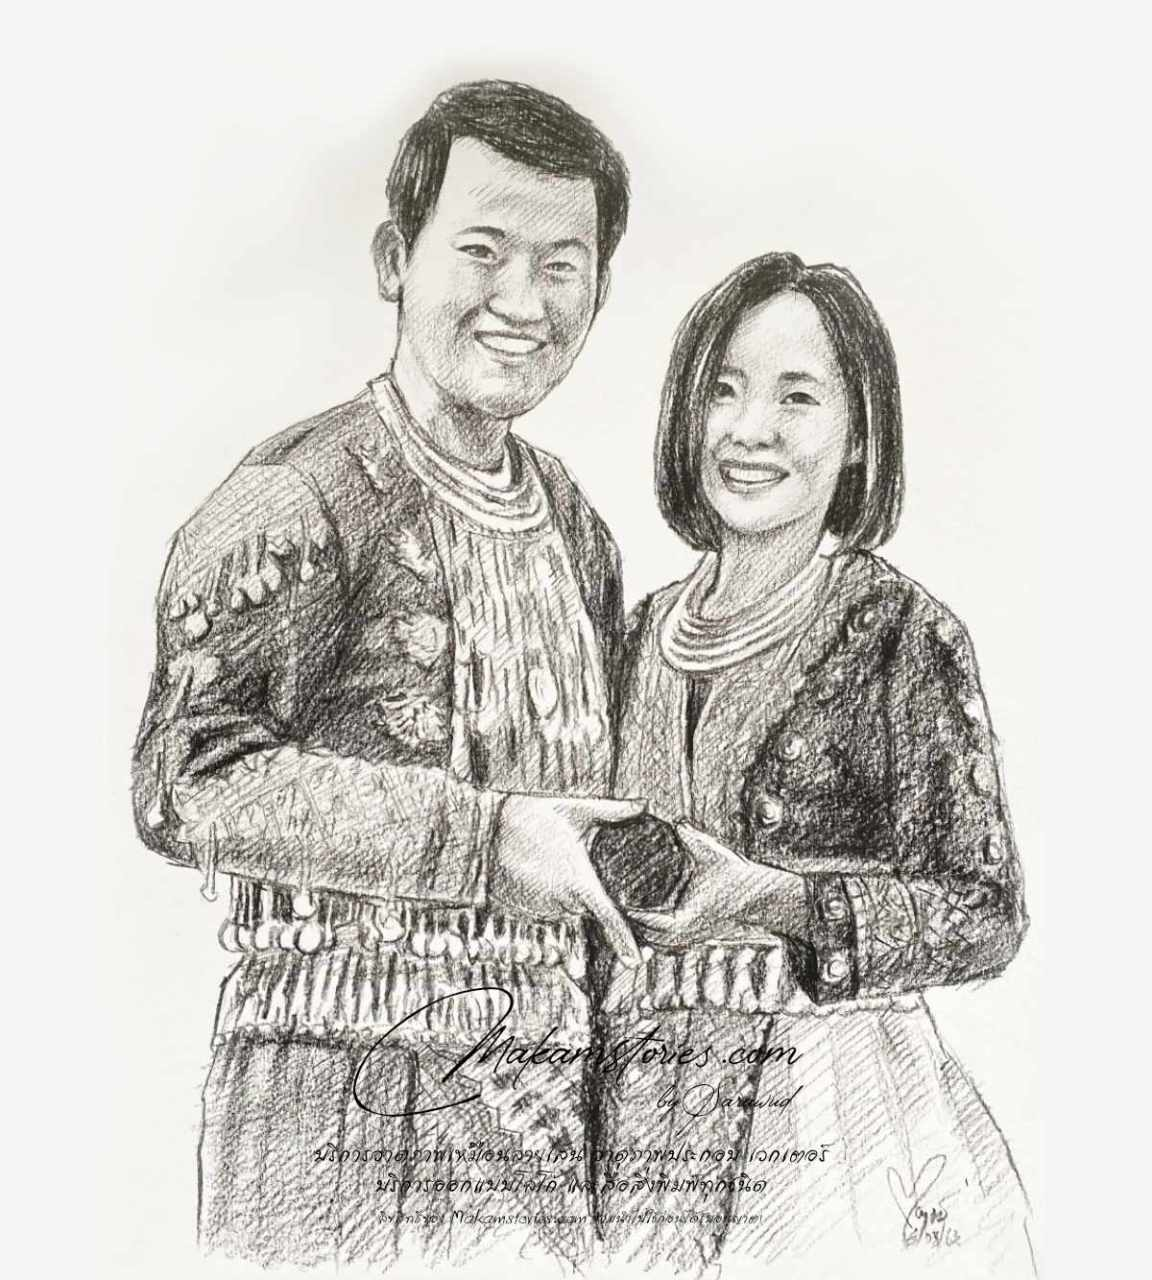 ภาพเหมือนลายเส้นดินสอ ภาพวาดลายเส้นที่ระลึกคู่บ่าวสาว ภาพวาดสำหรับงานแต่งงาน